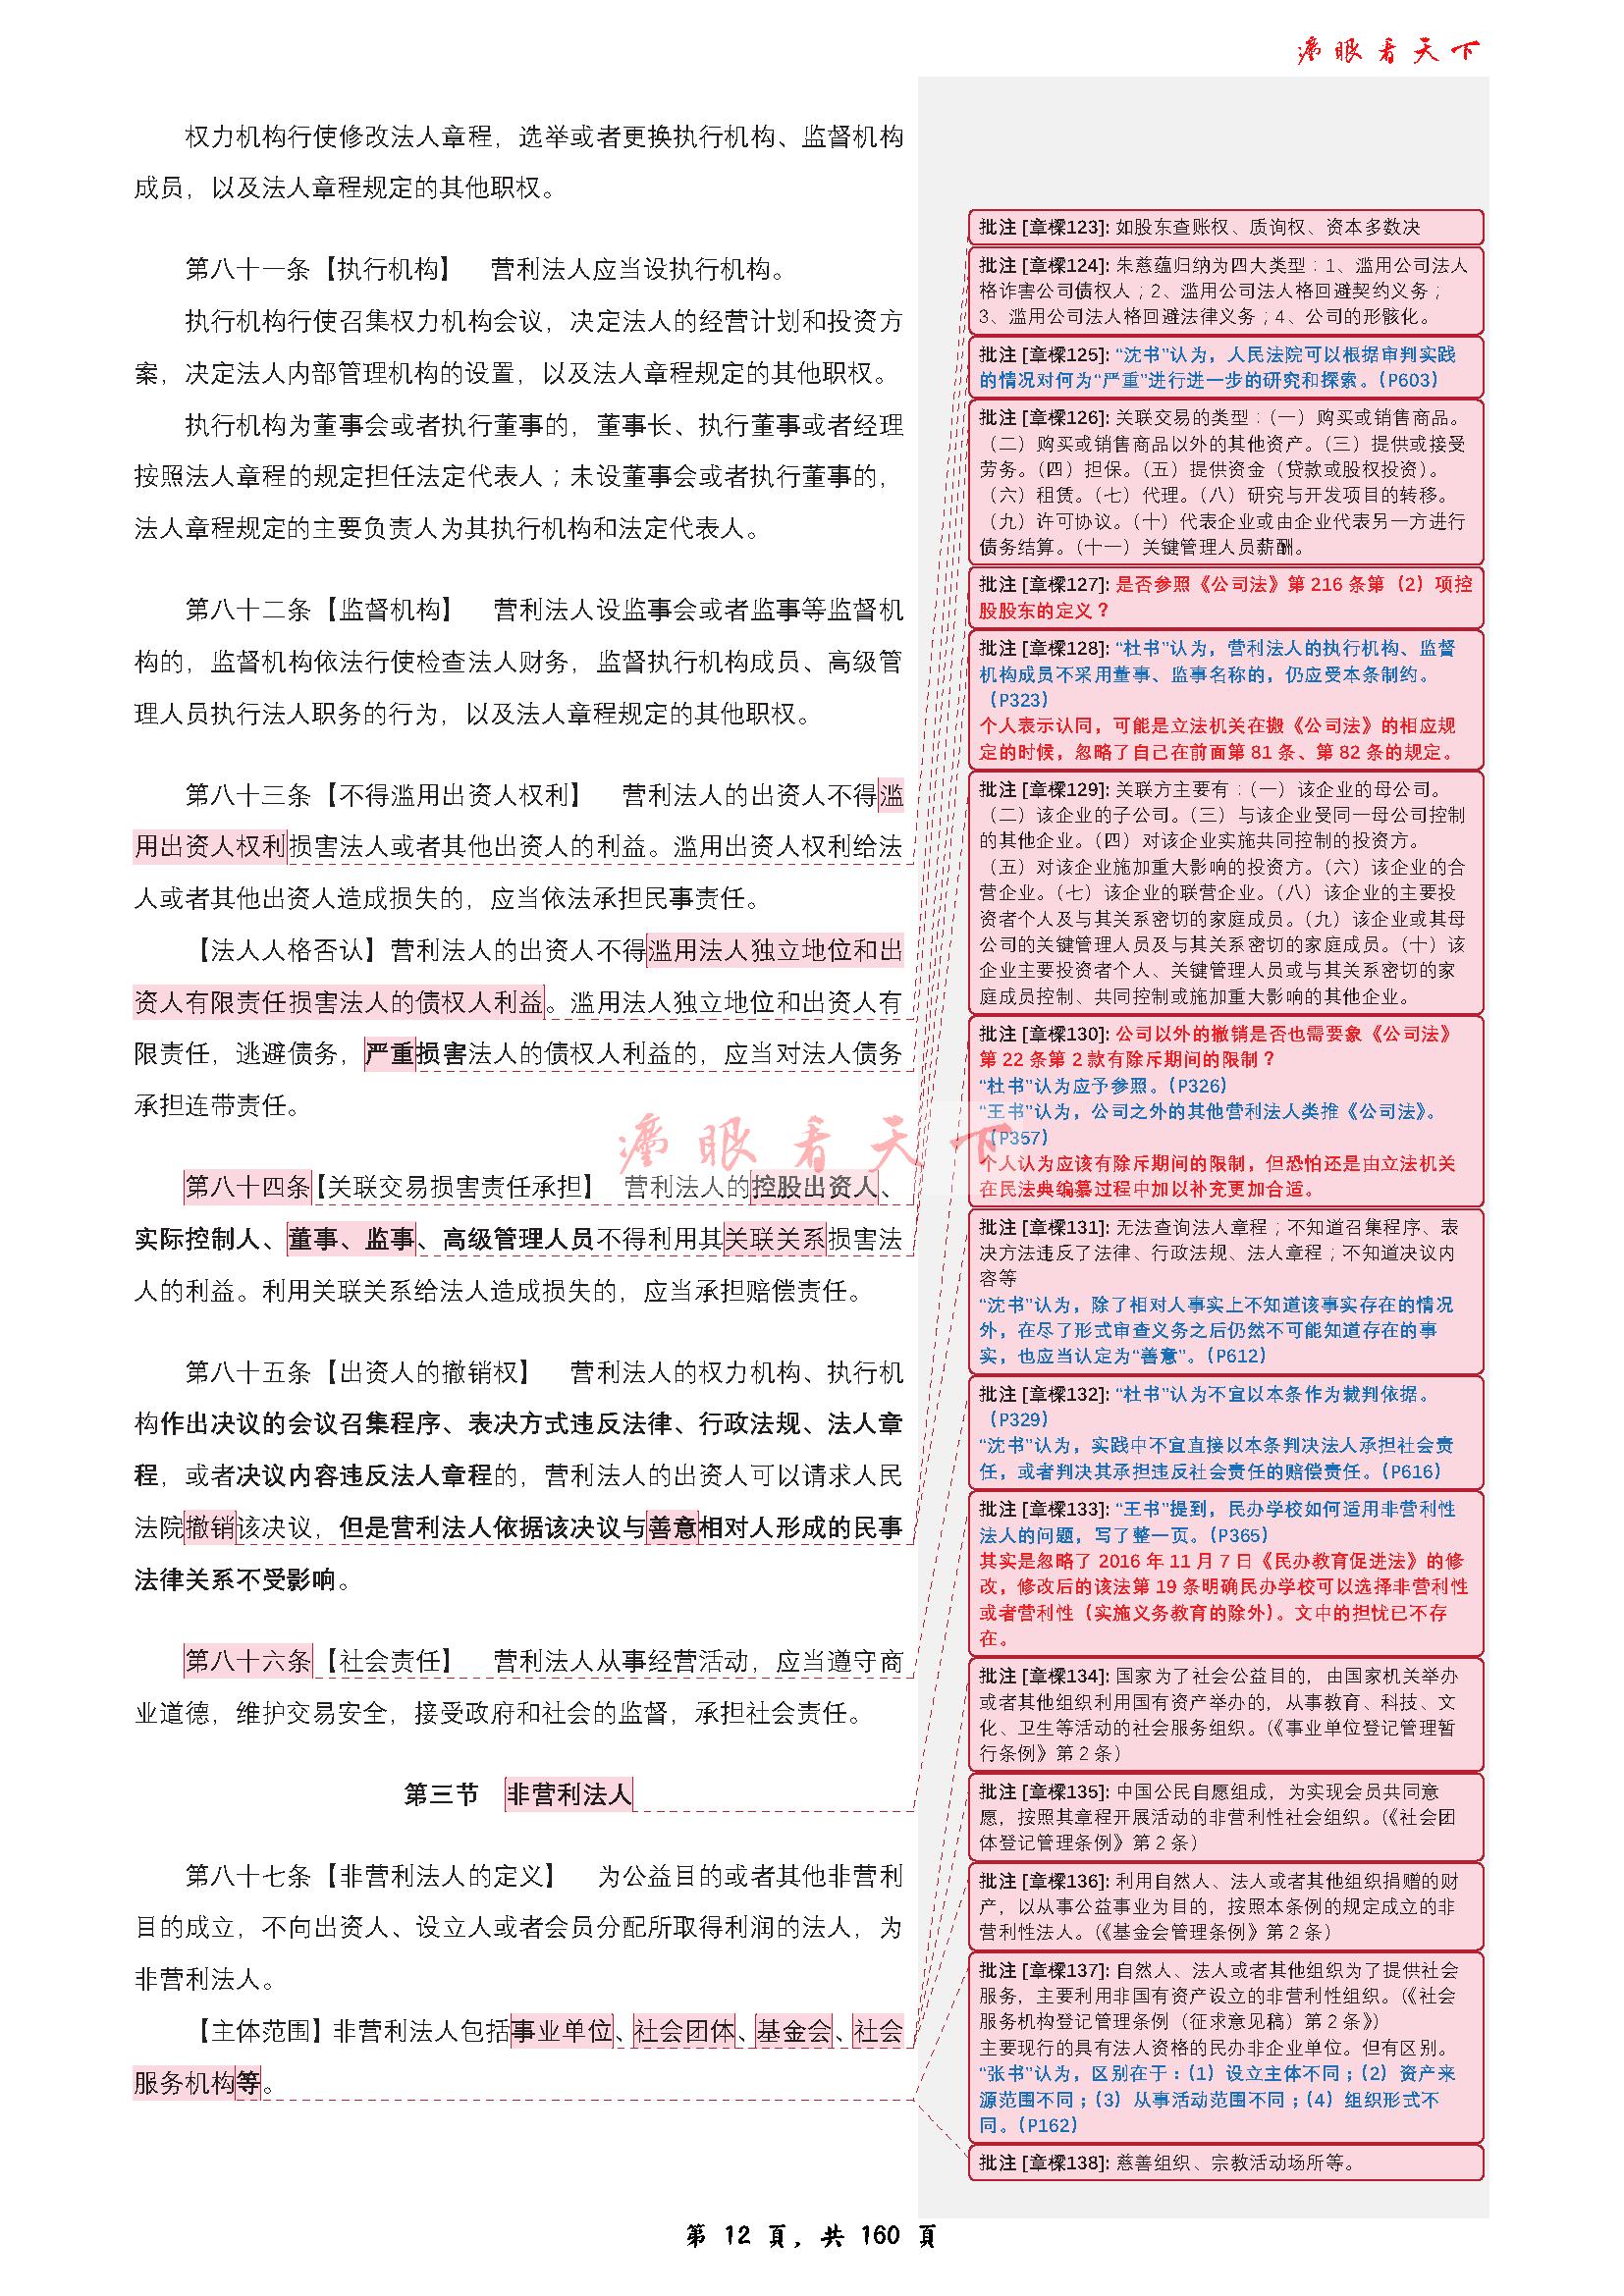 民法总则批注_页面_12.png